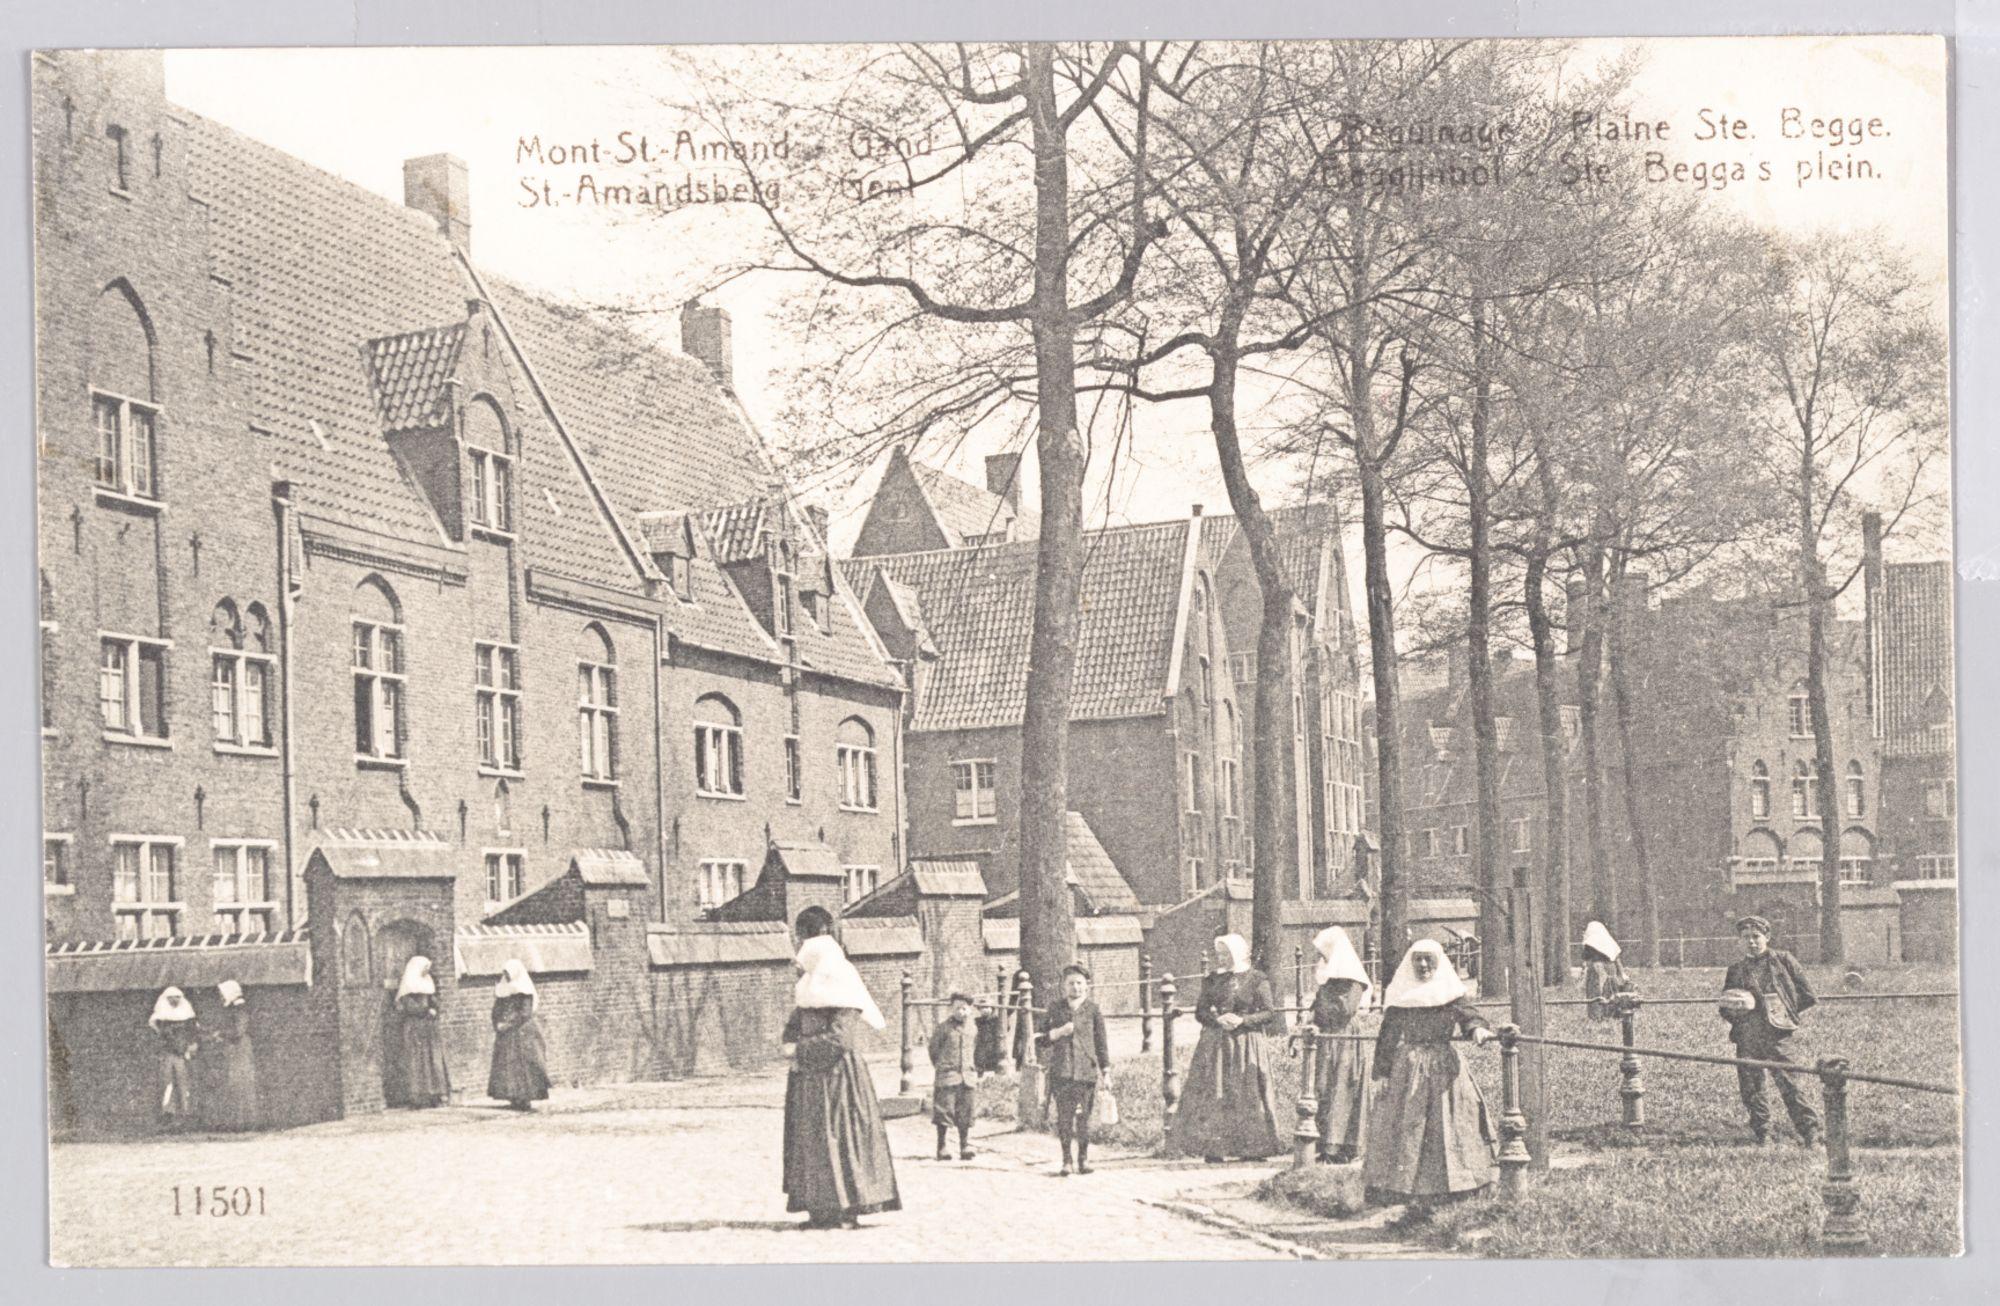 Sint-Amandsberg: Groot Begijnhof: begijnen en kinderen op het binnenplein (Sint-Beggaplein)